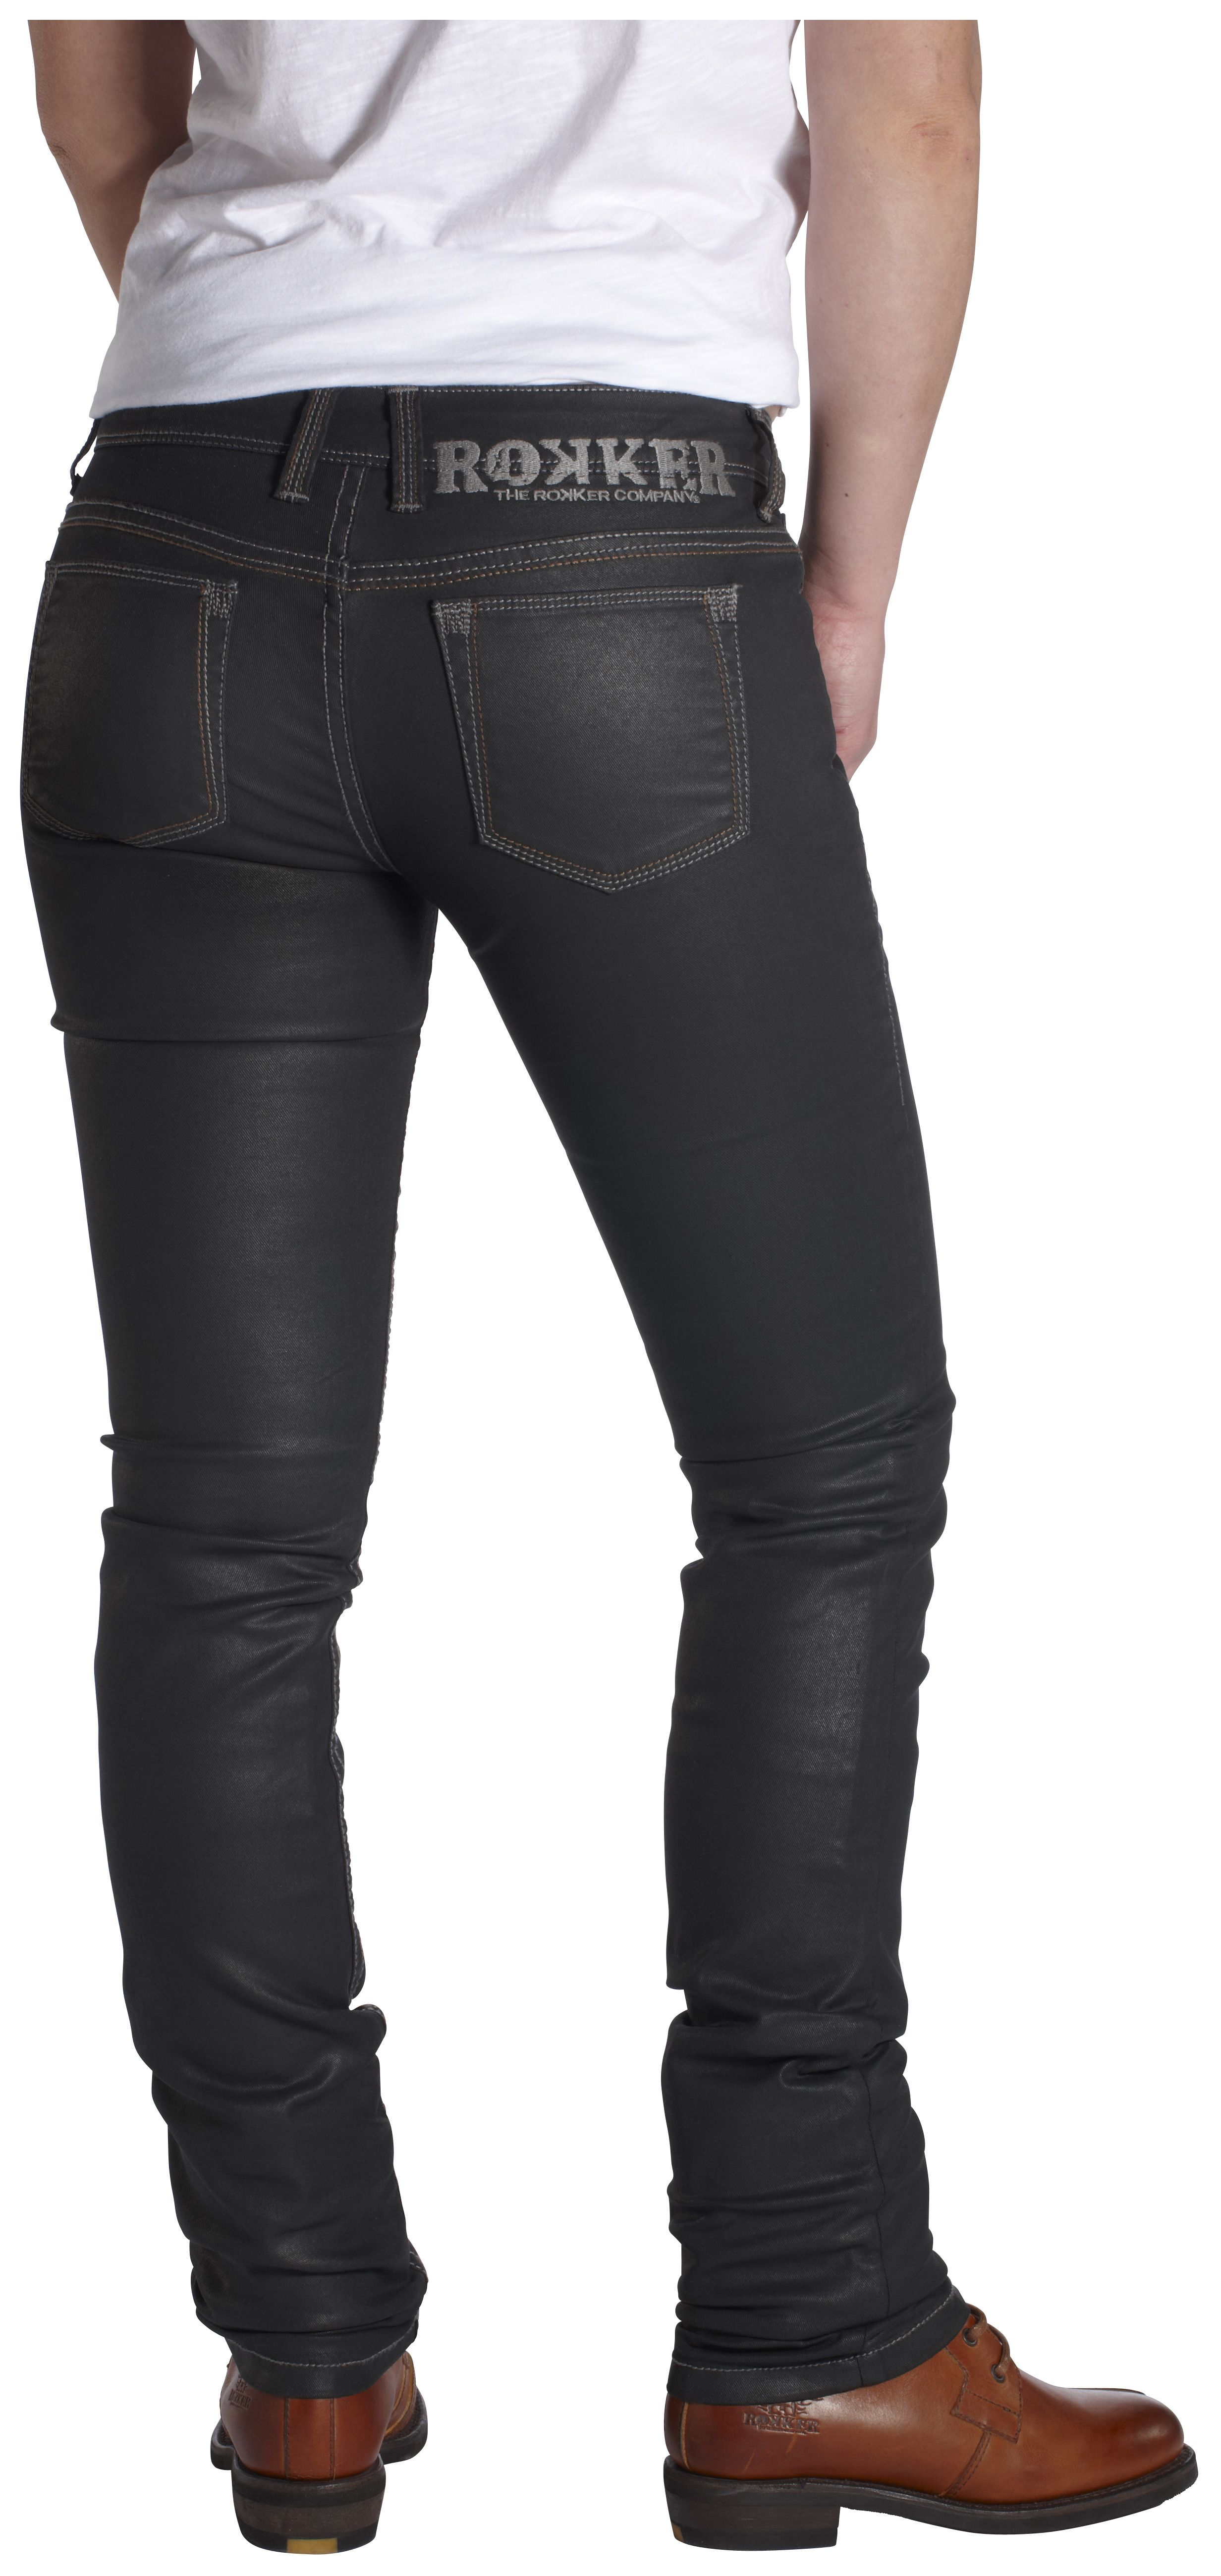 Rokker Diva Black Women's Jeans